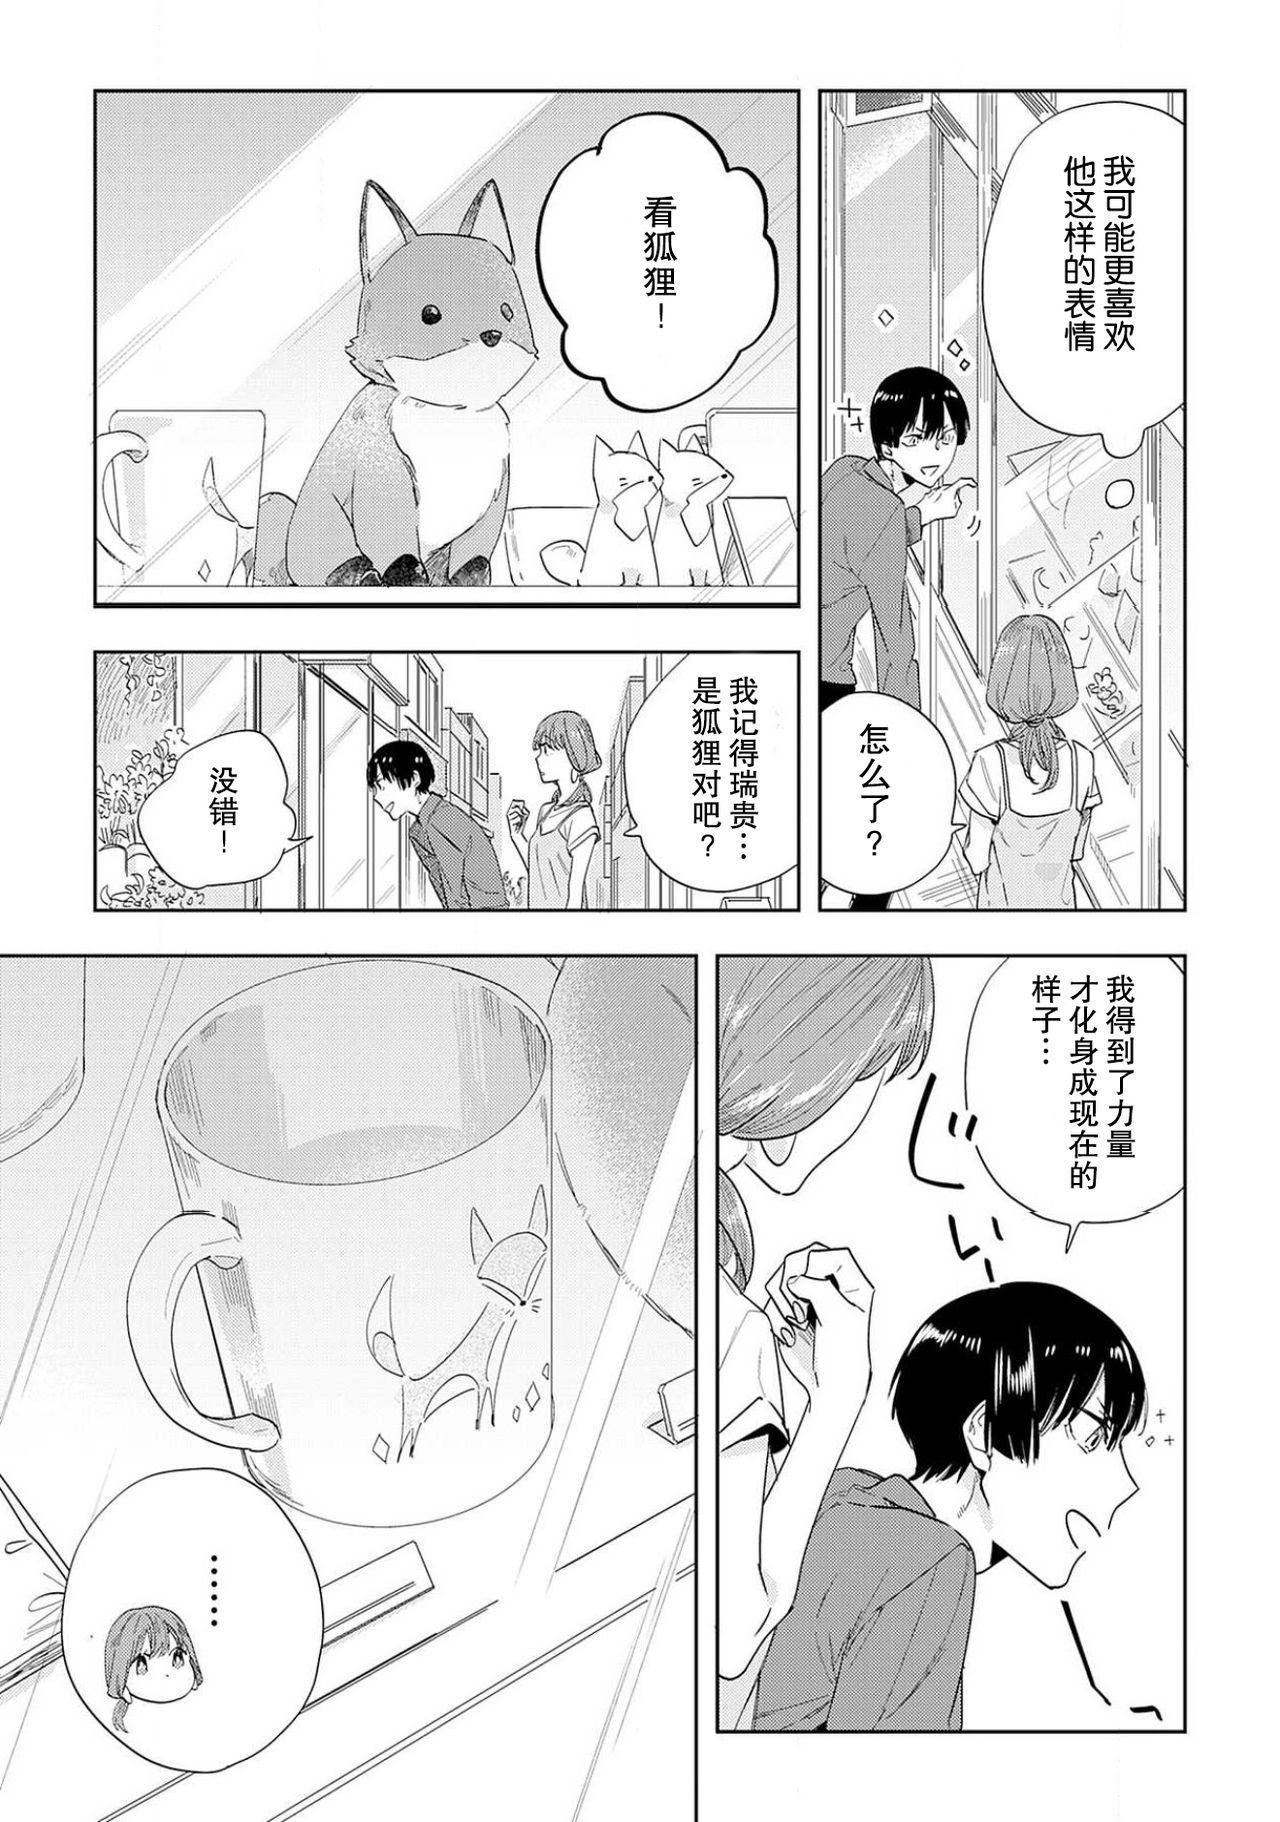 [Hachikawa Kyuu] Kami-sama to Ikenie H Keiyaku Shichaimashita | 我与神明大人签订了祭品H契约 1-3 [Chinese] [莉赛特汉化组] 63